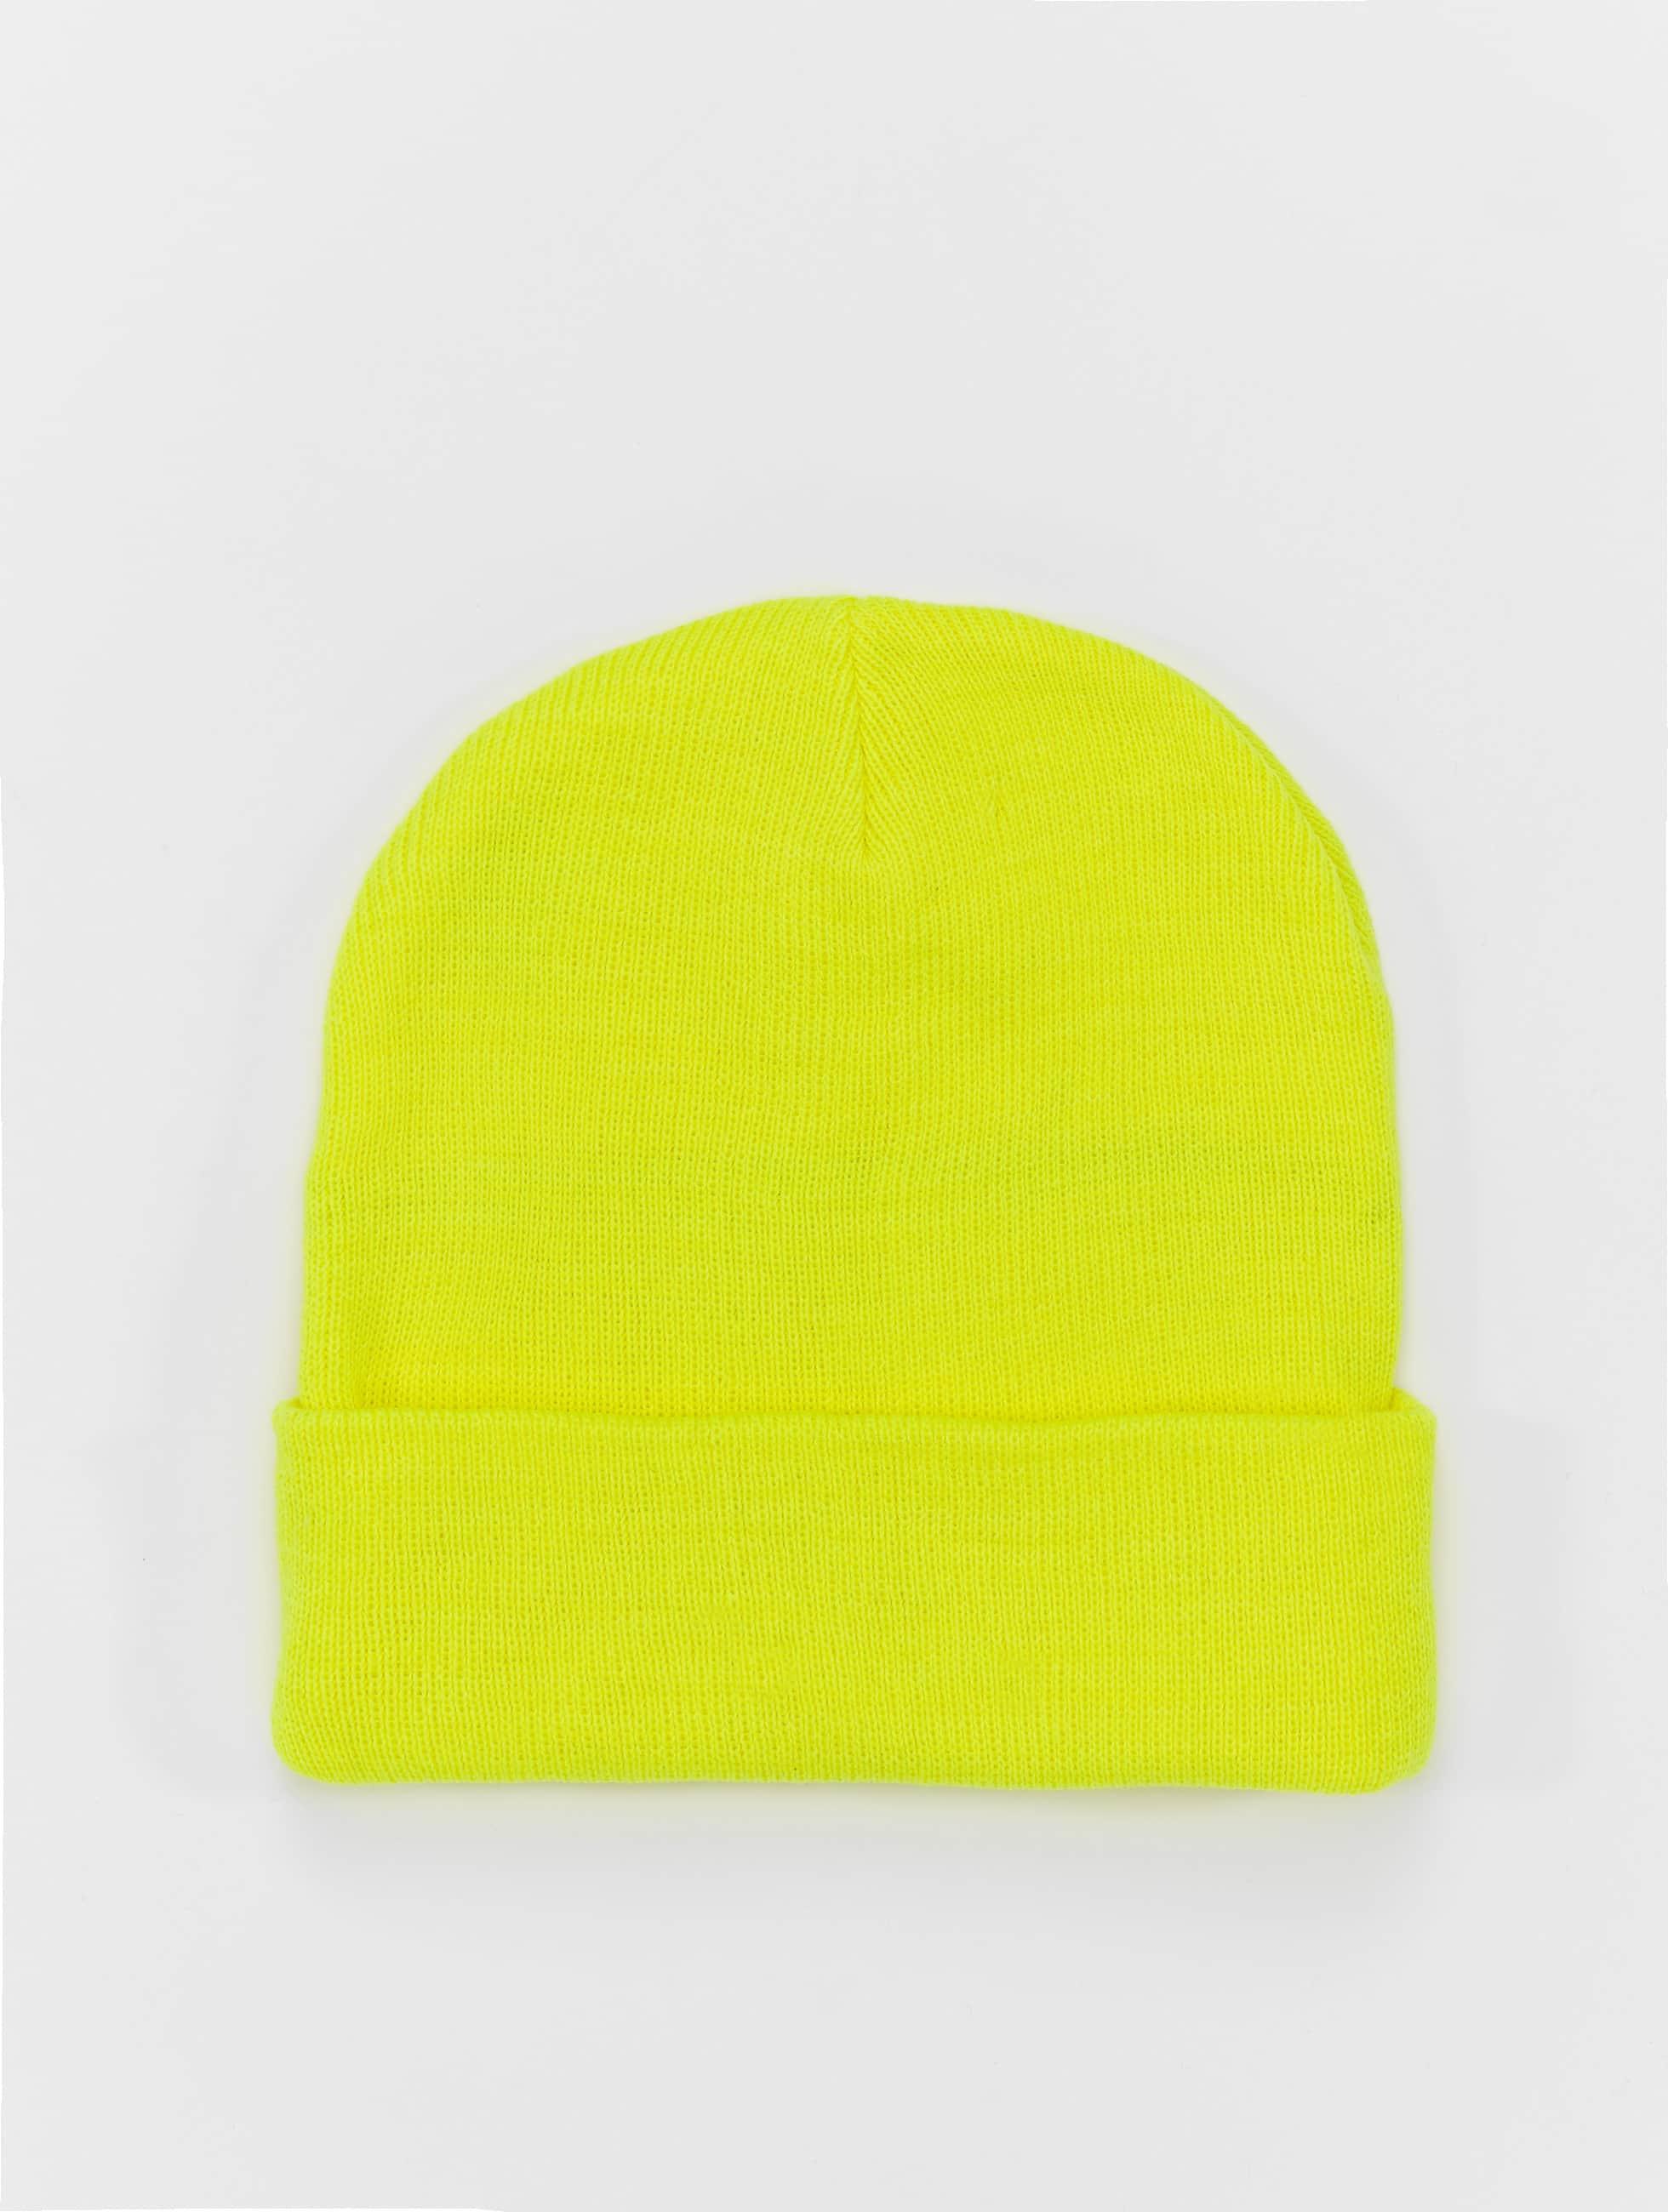 MSTRDS шляпа Basic Flap желтый